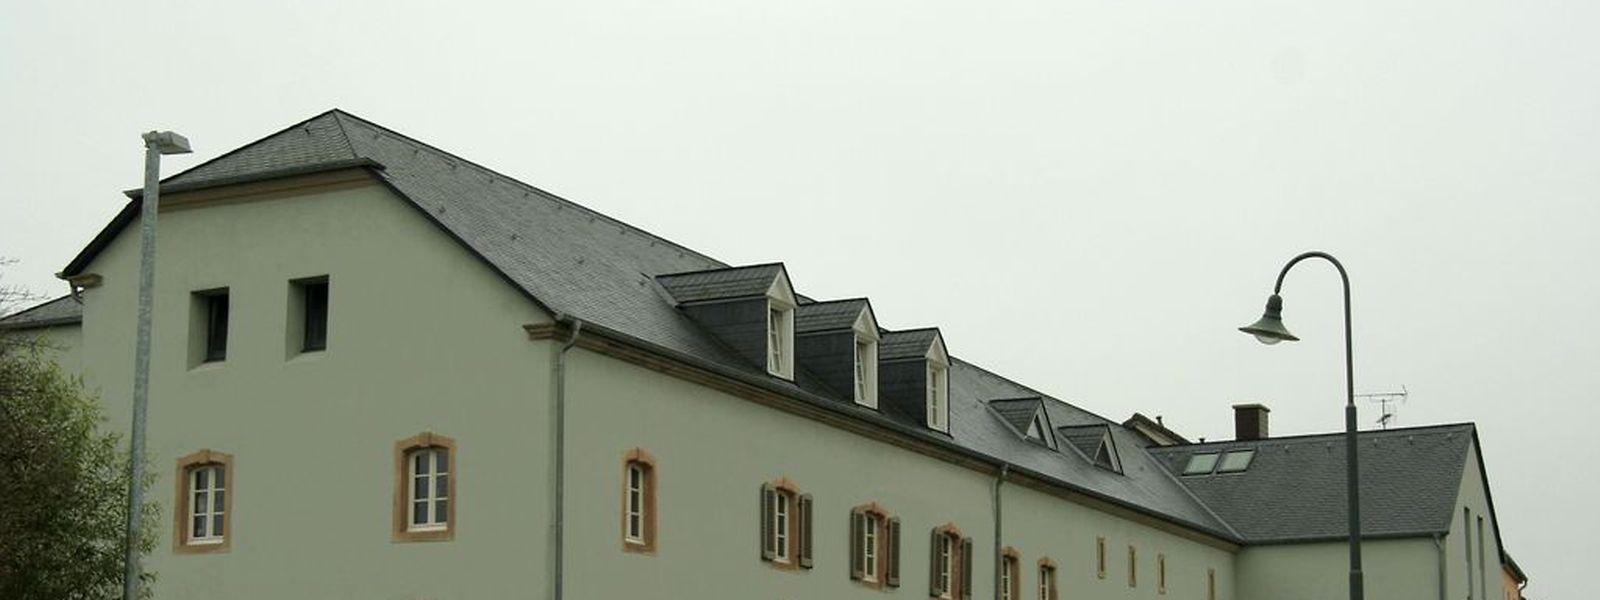 In der ehemaligen Maison Casel sind zurzeit keine weiblichen Häftlinge mehr untergebracht.